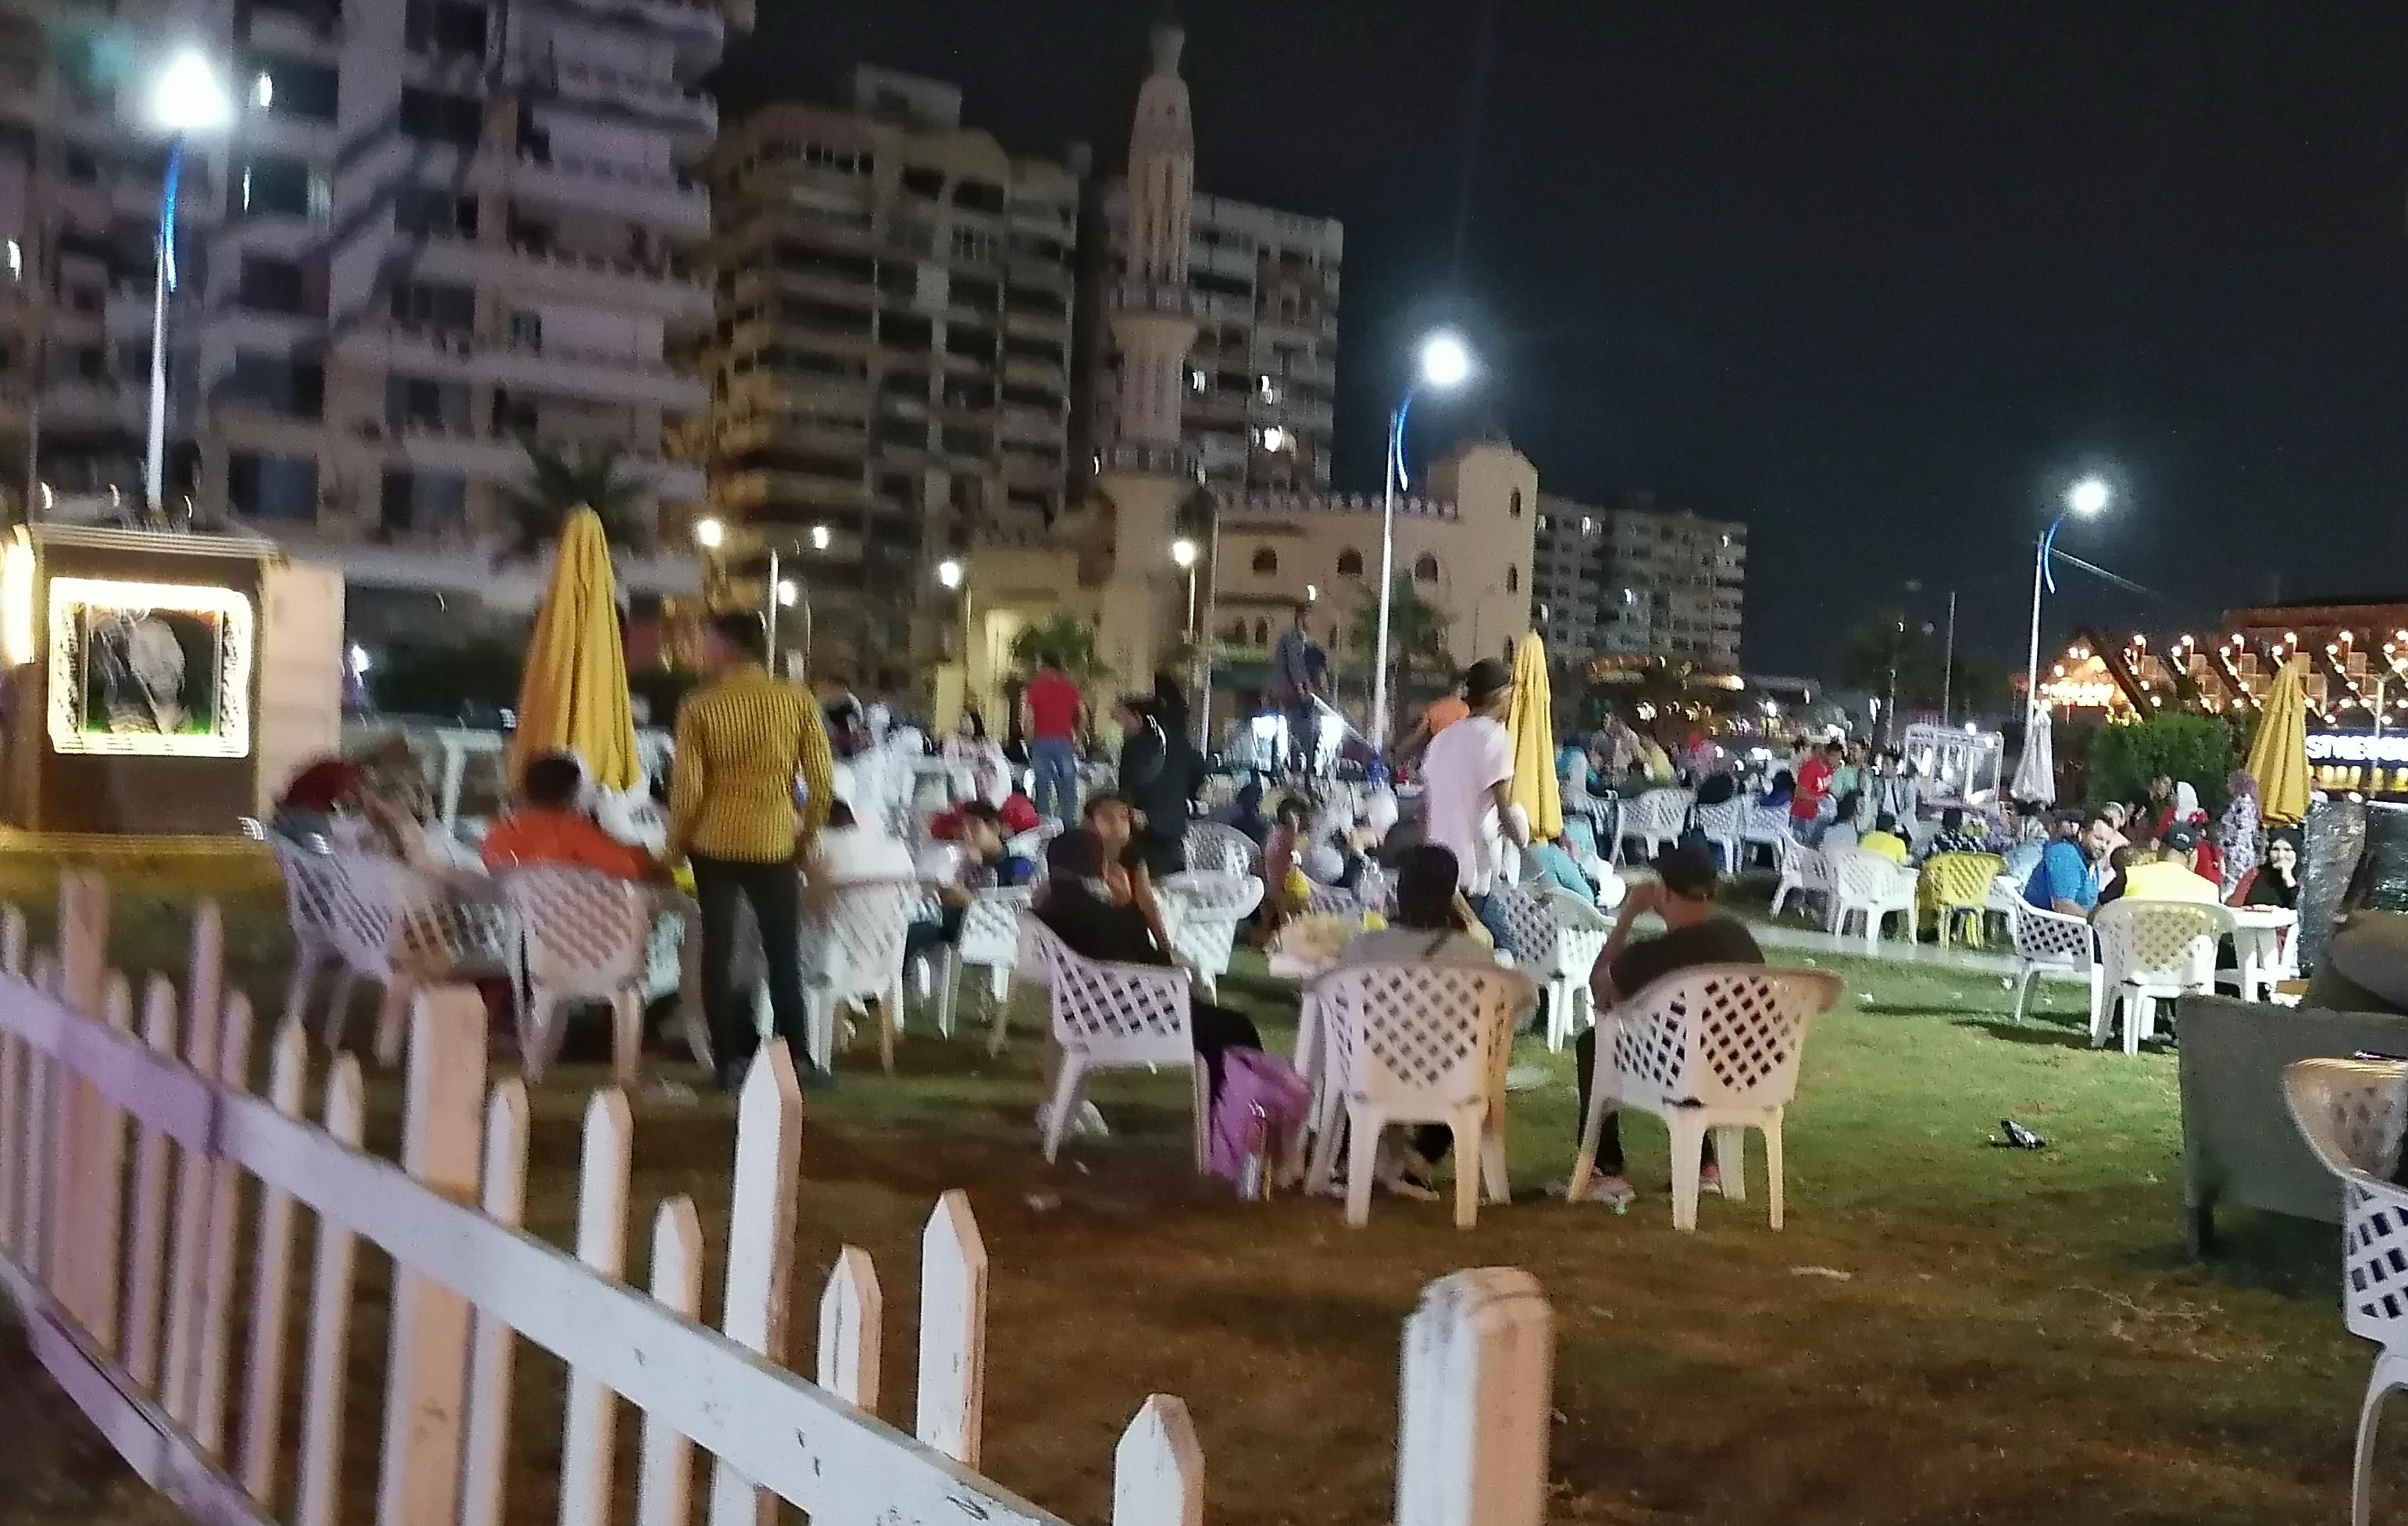 جانب من تجمع العائلات على الشاطئ